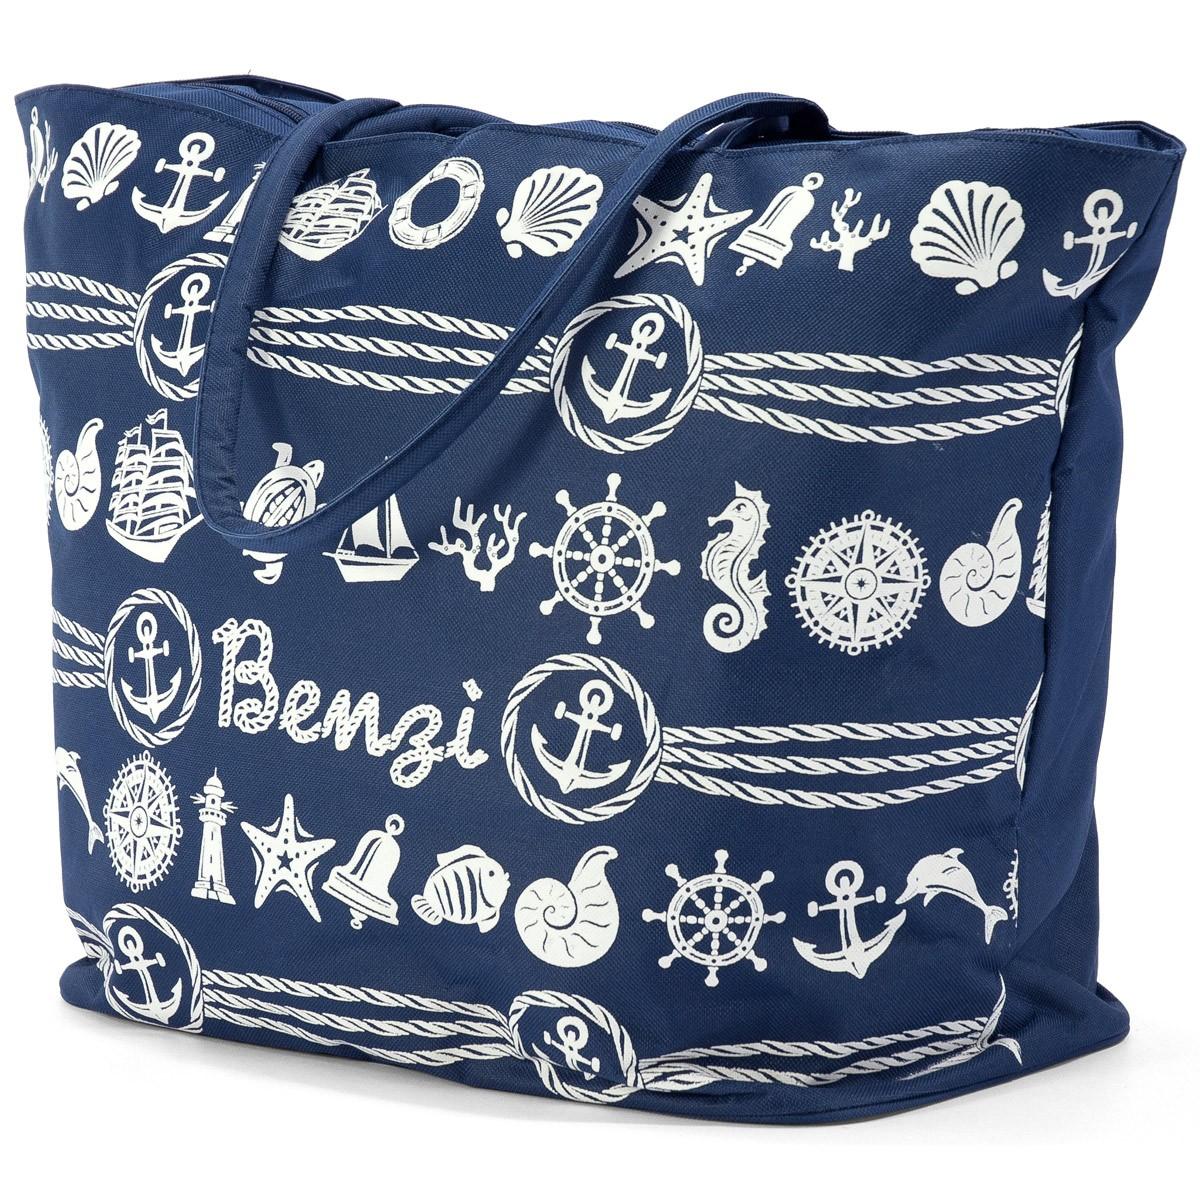 Τσάντα Παραλίας Benzi 4998 Blue home   θαλάσσης   τσάντες παραλίας